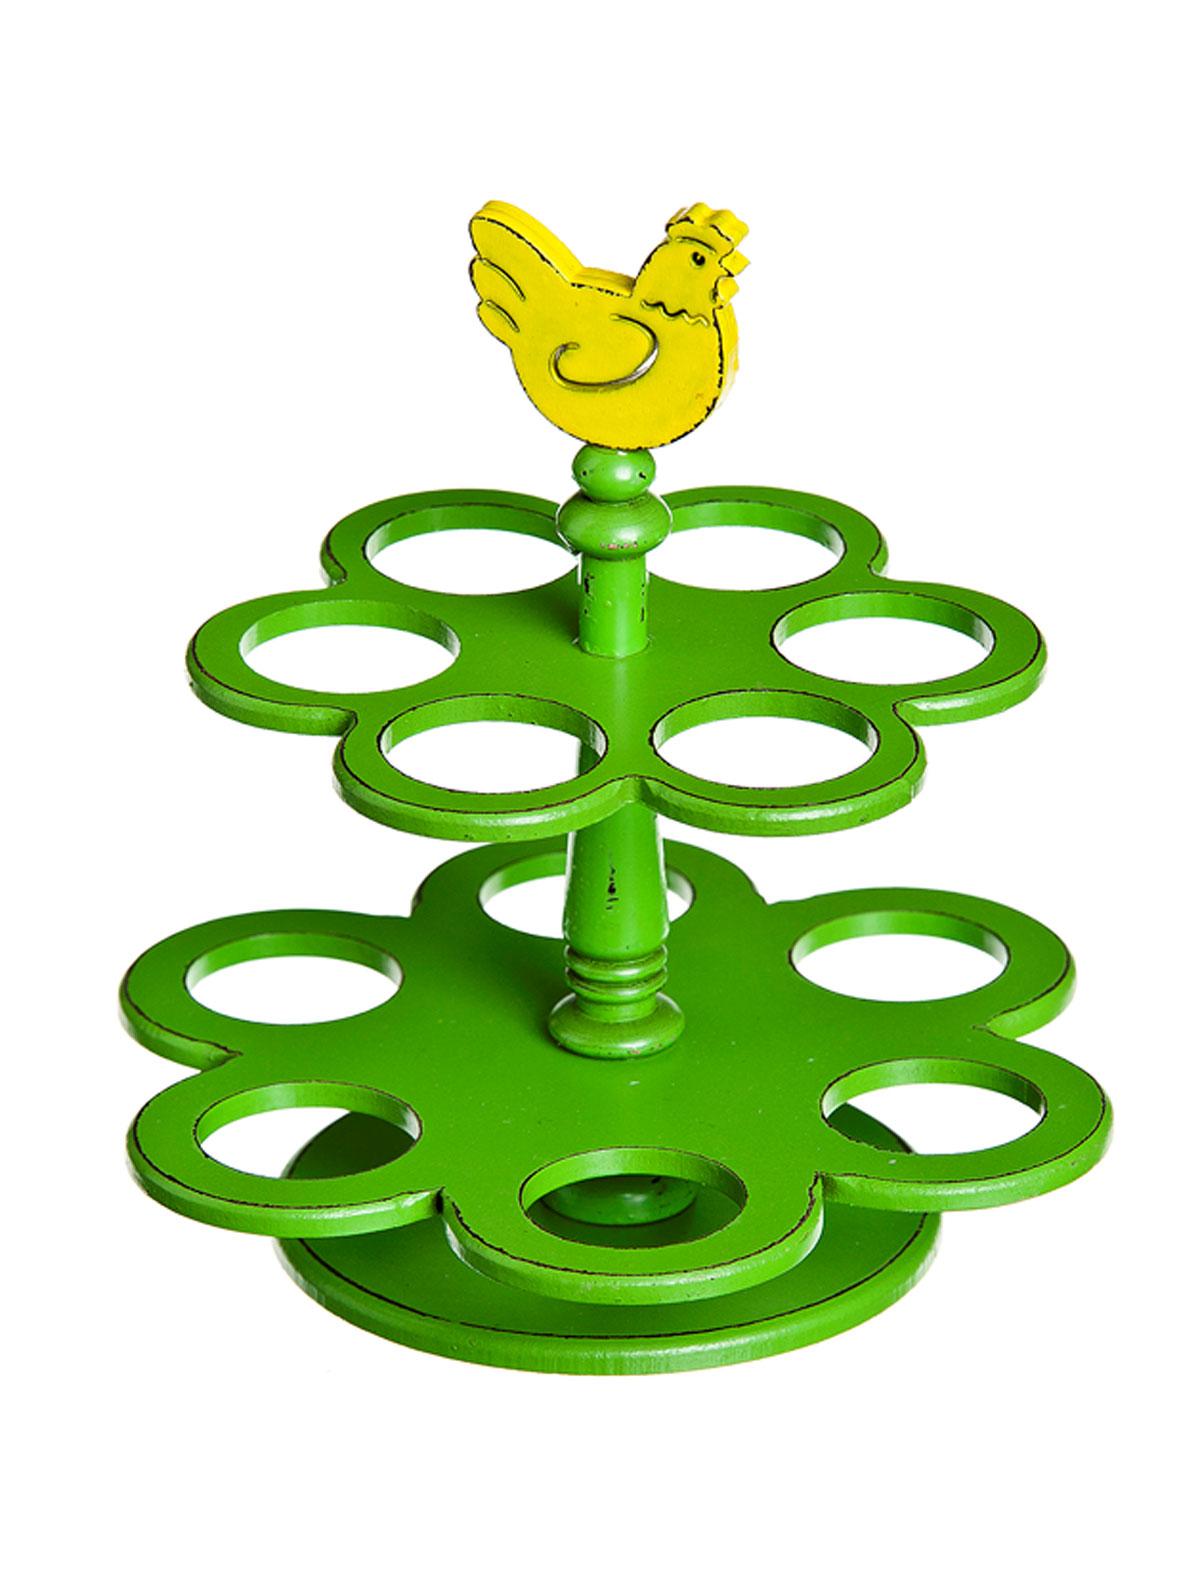 Подставка под яйца Home Queen Курочка деревянная, двухъярусная, цвет: зеленый, желтый, 12 ячеек68308Подставка Home Queen Курочка деревянная станет оригинальным украшением праздничного стола на Пасху. Двухъярусная подставка изготовлена из дерева и служит держателем для яиц. Изделие выполнено в виде забавной курочки на подставке с 12 ячейками для яиц. Подставка Курочка деревянная может стать красивым пасхальным подарком для друзей или близких. Размер подставки: 19 см х 19 см х 20 см. Диаметр ячейки: 3,7 см.